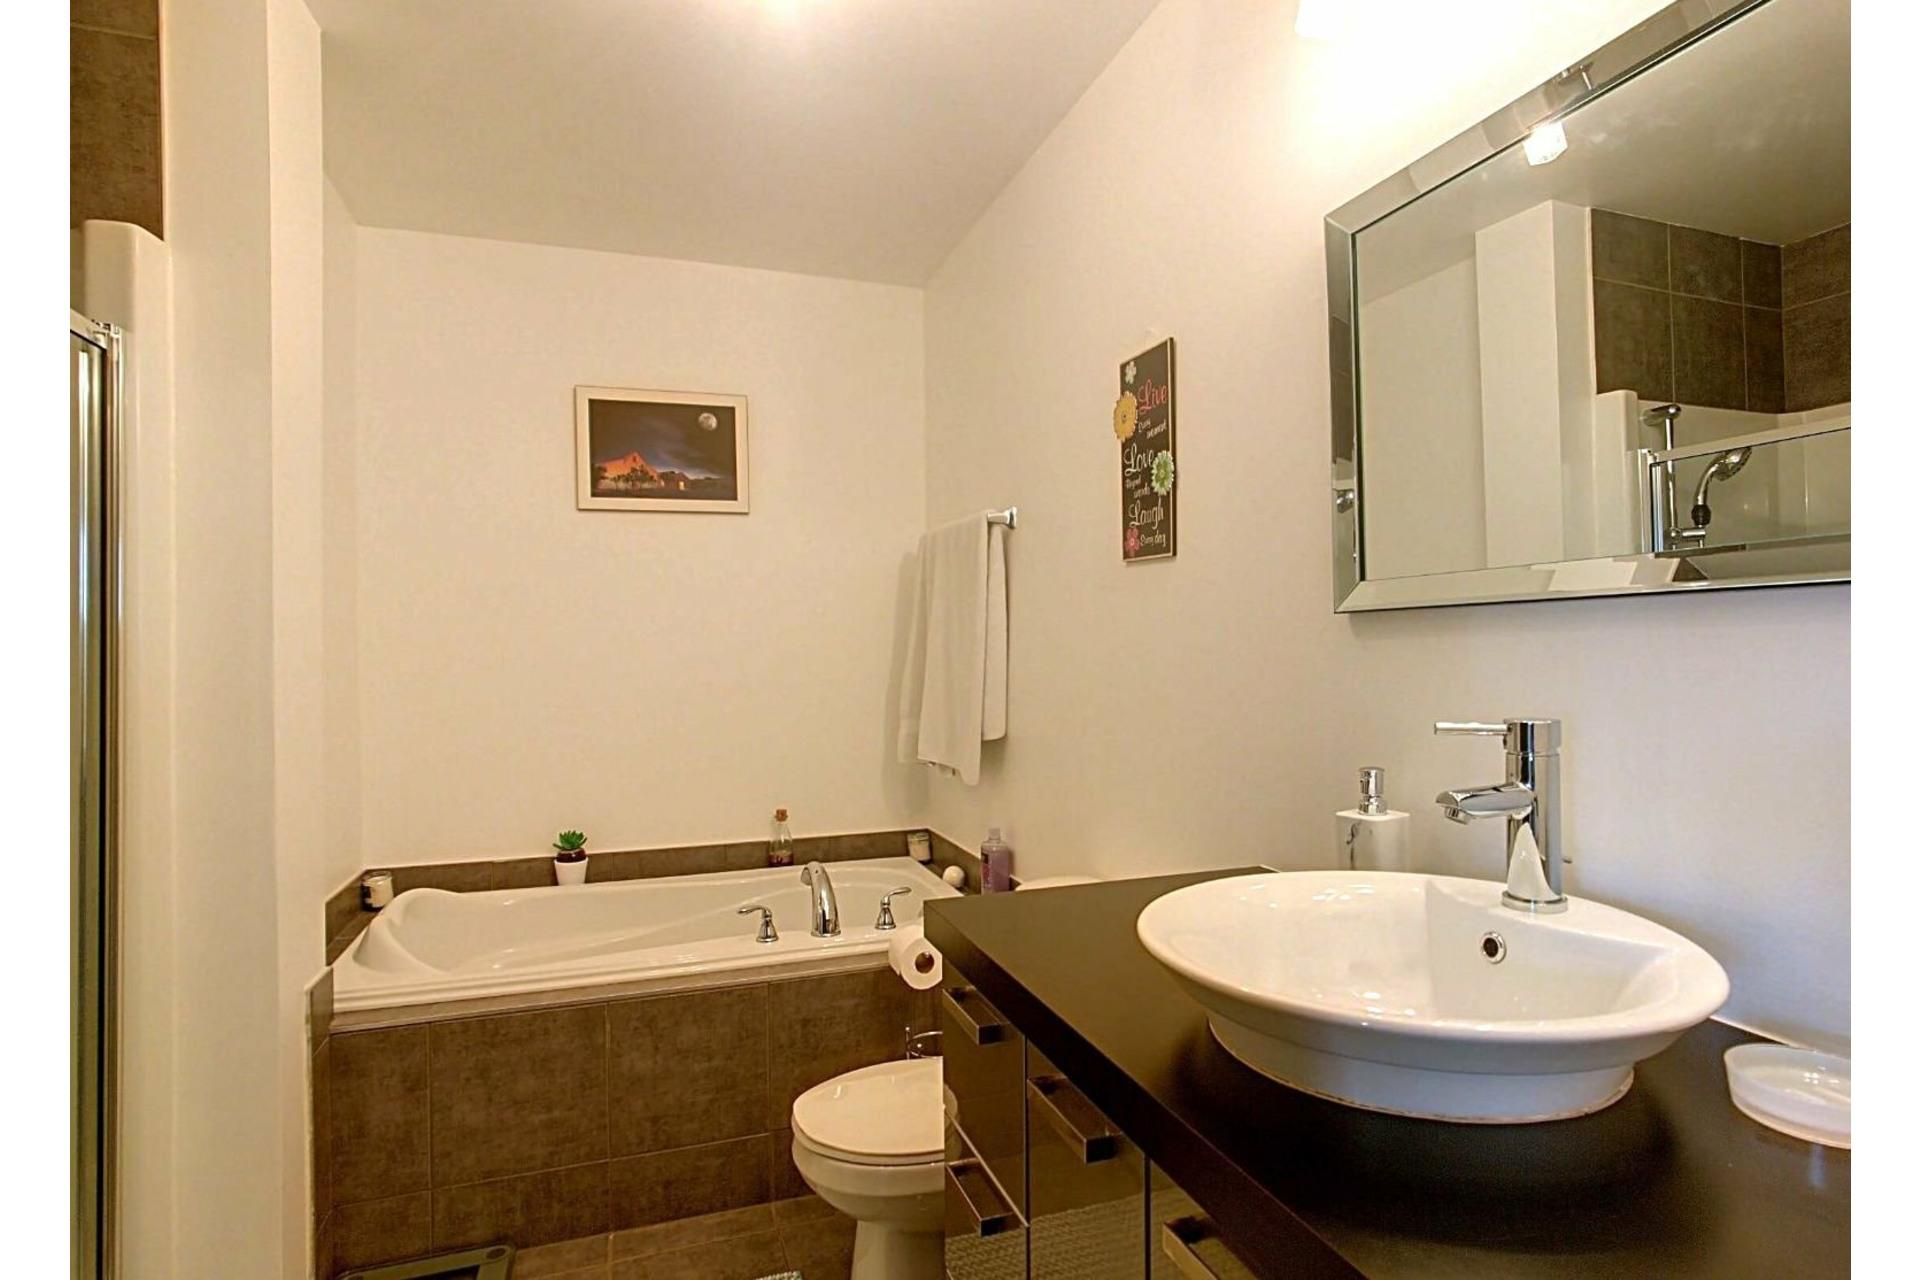 image 11 - Appartement À vendre Brossard - 7 pièces